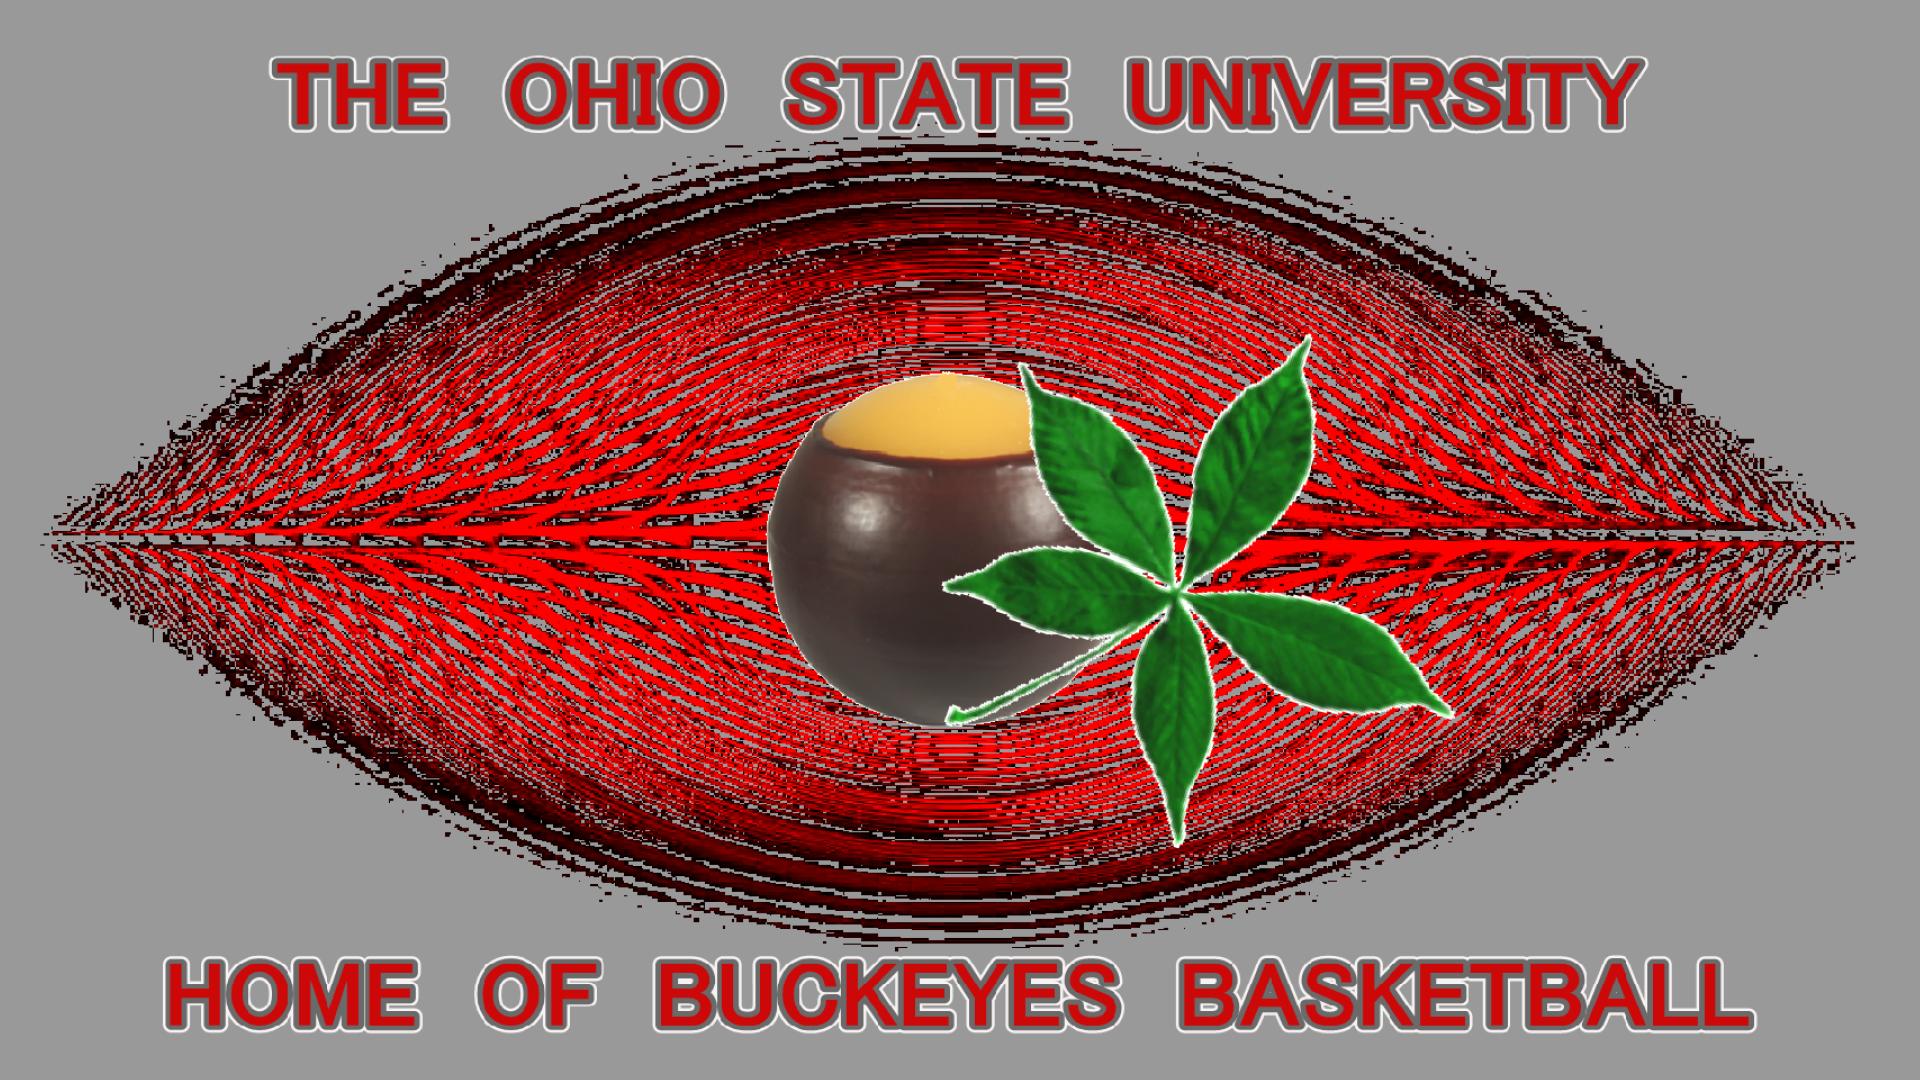 THE OHIO STATE UNIVERSITY HOME OF BUCKEYE BASKETBALL